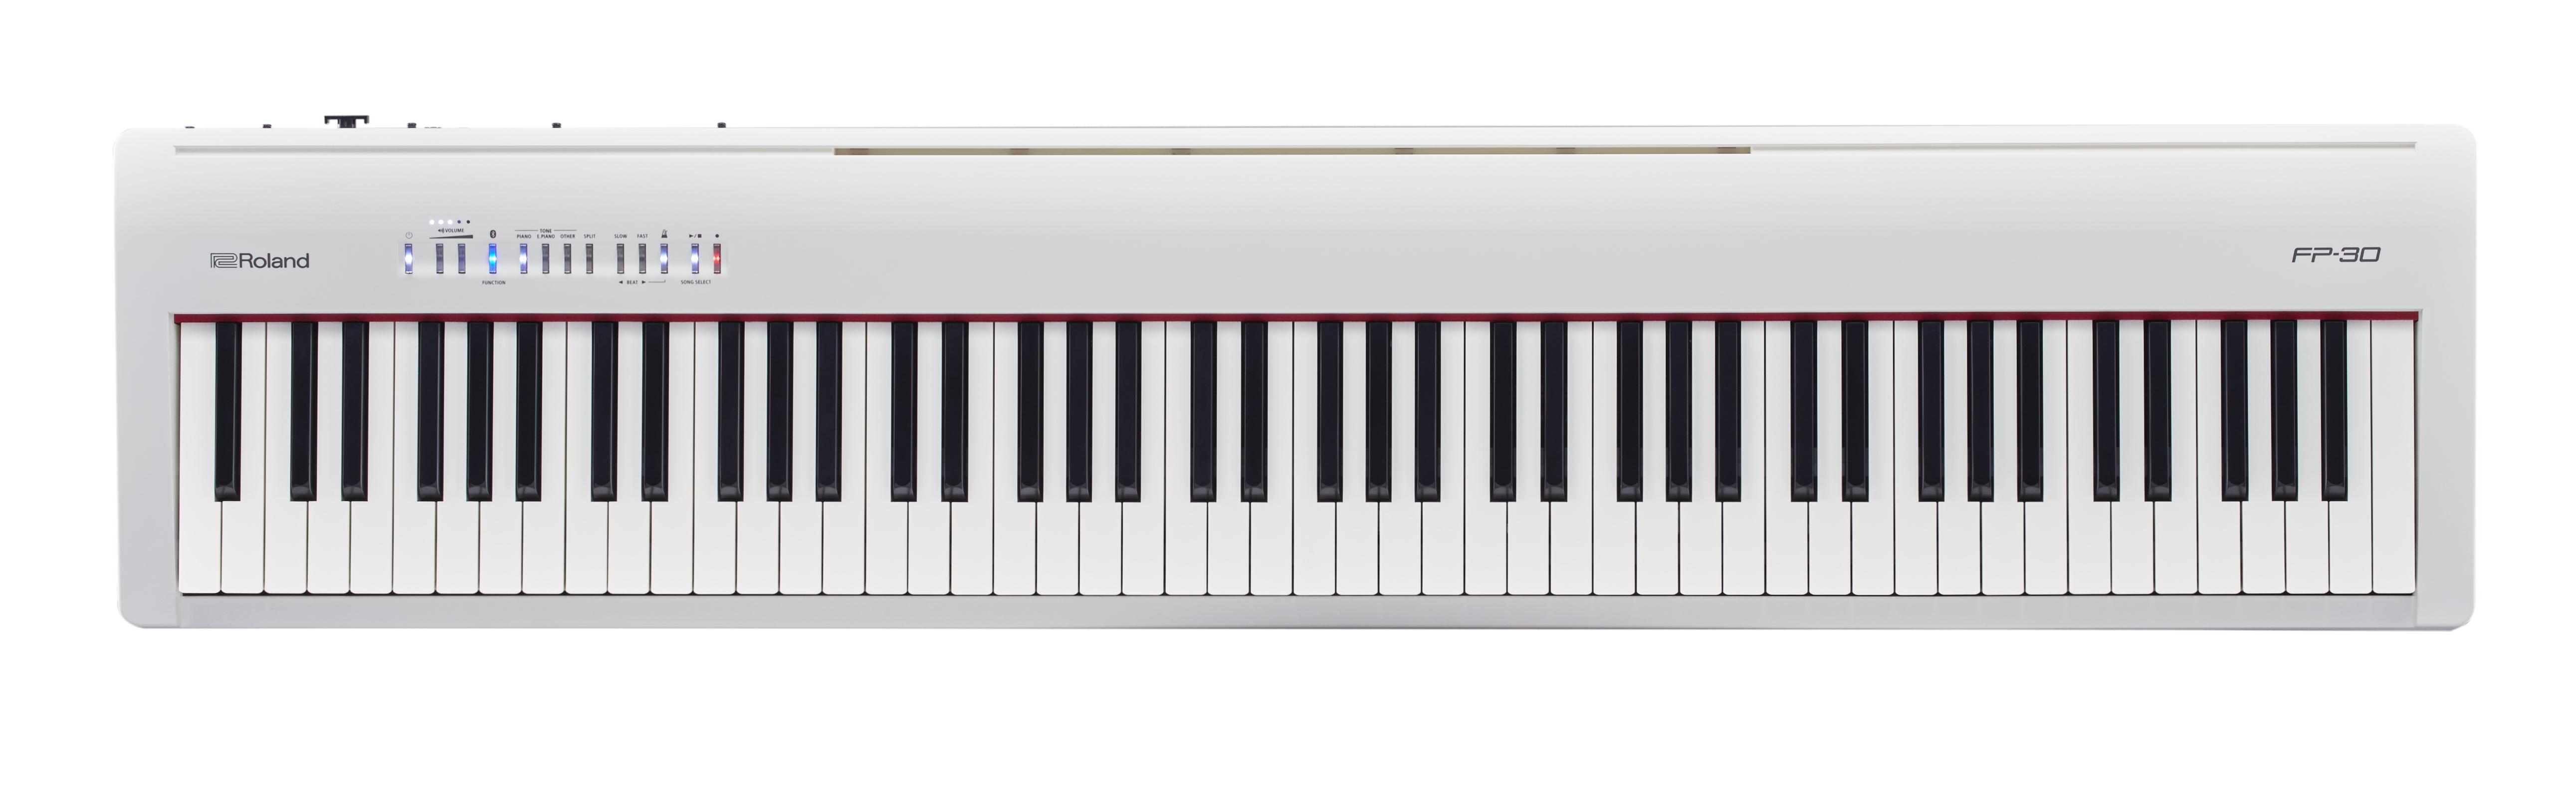 Claviers & Pianos - PIANOS NUMERIQUES - PORTABLE - ROLAND - FP-30X-WH - Royez Musik